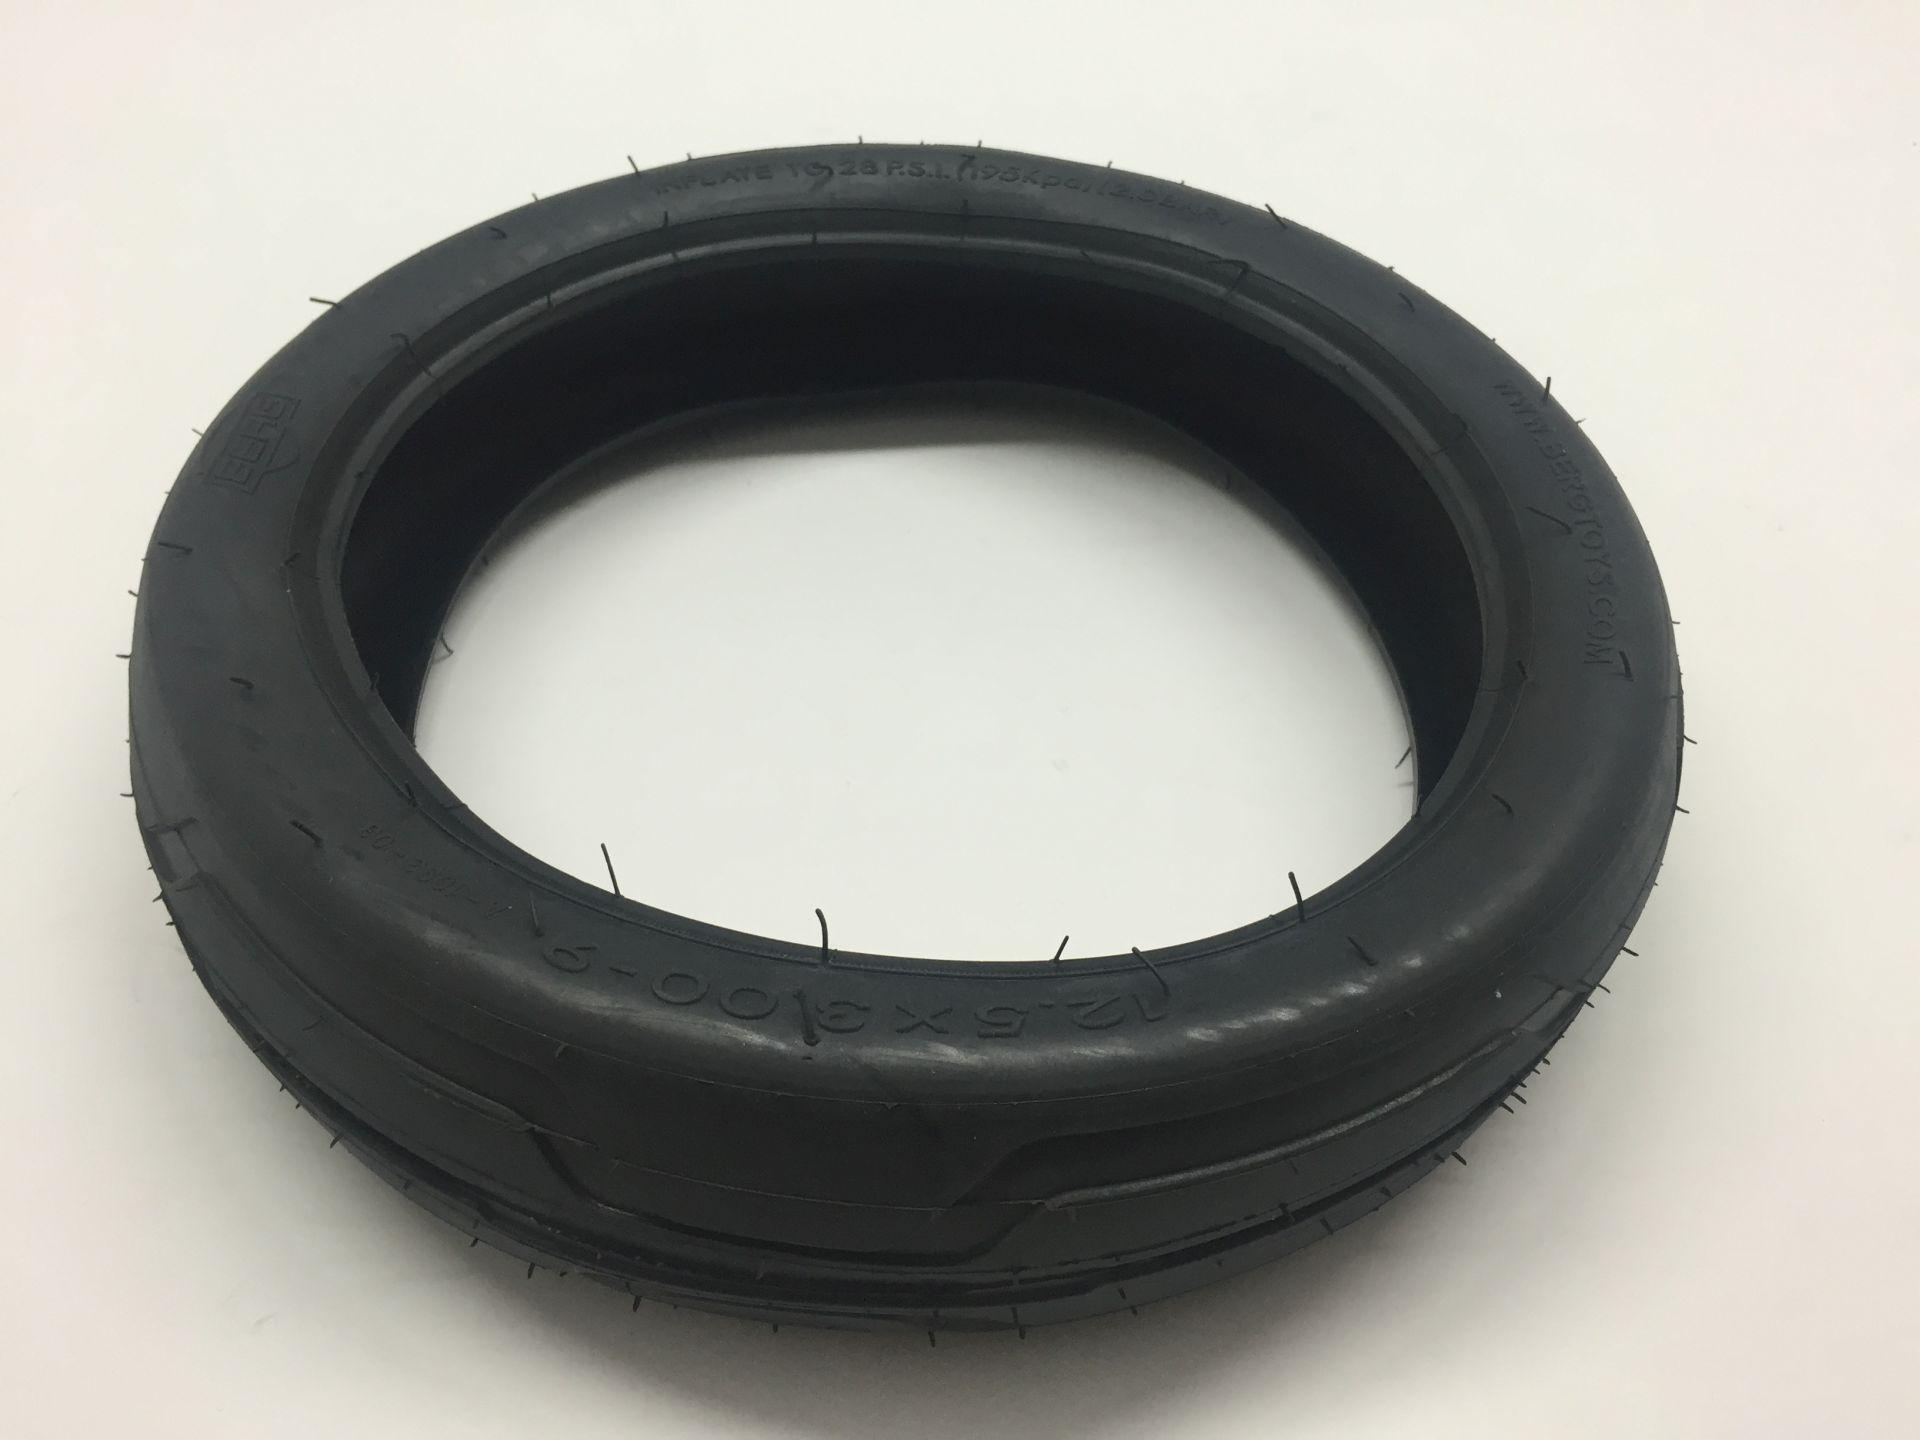 Tire 12.5x3.00-9 slick